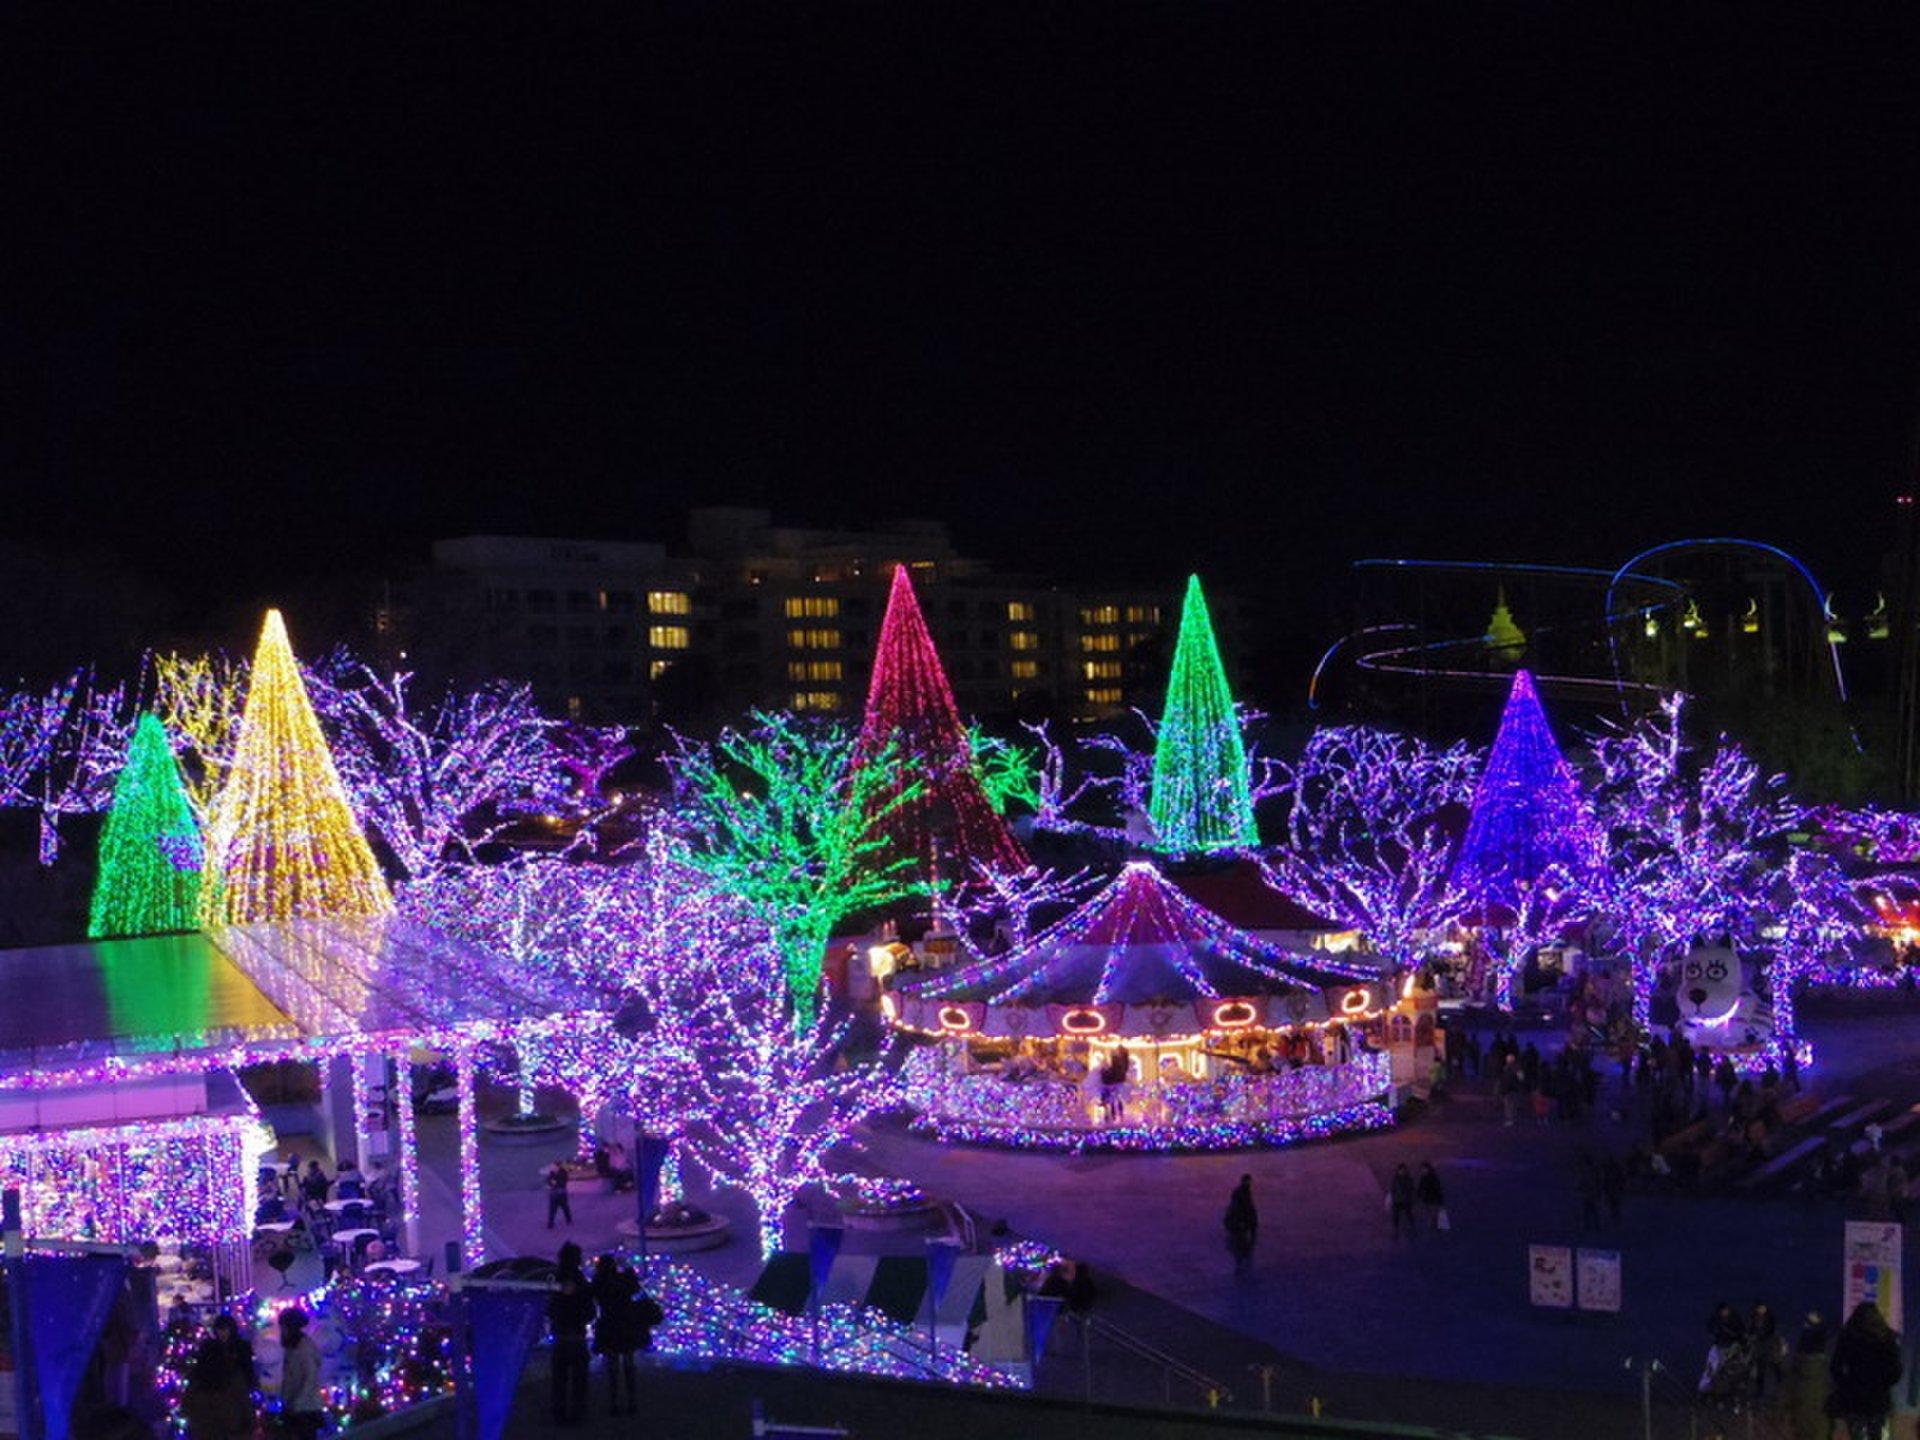 2014年イルミネーション情報「よみうりランド」ジュエルミネーションは去年より拡大?!